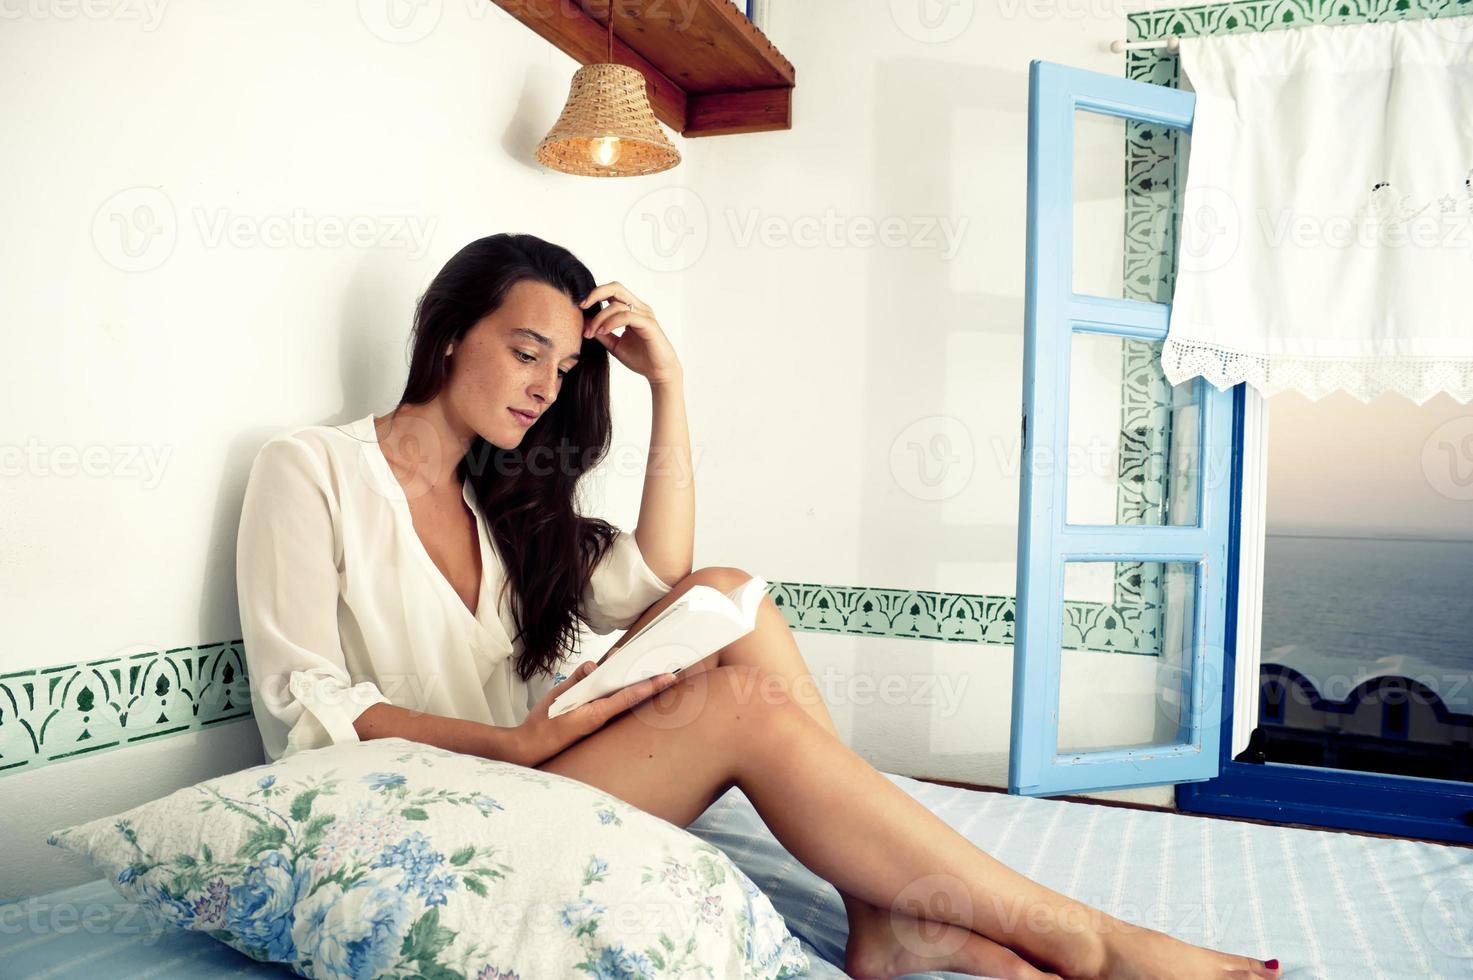 junges weibliches Lesebuch auf Bett foto